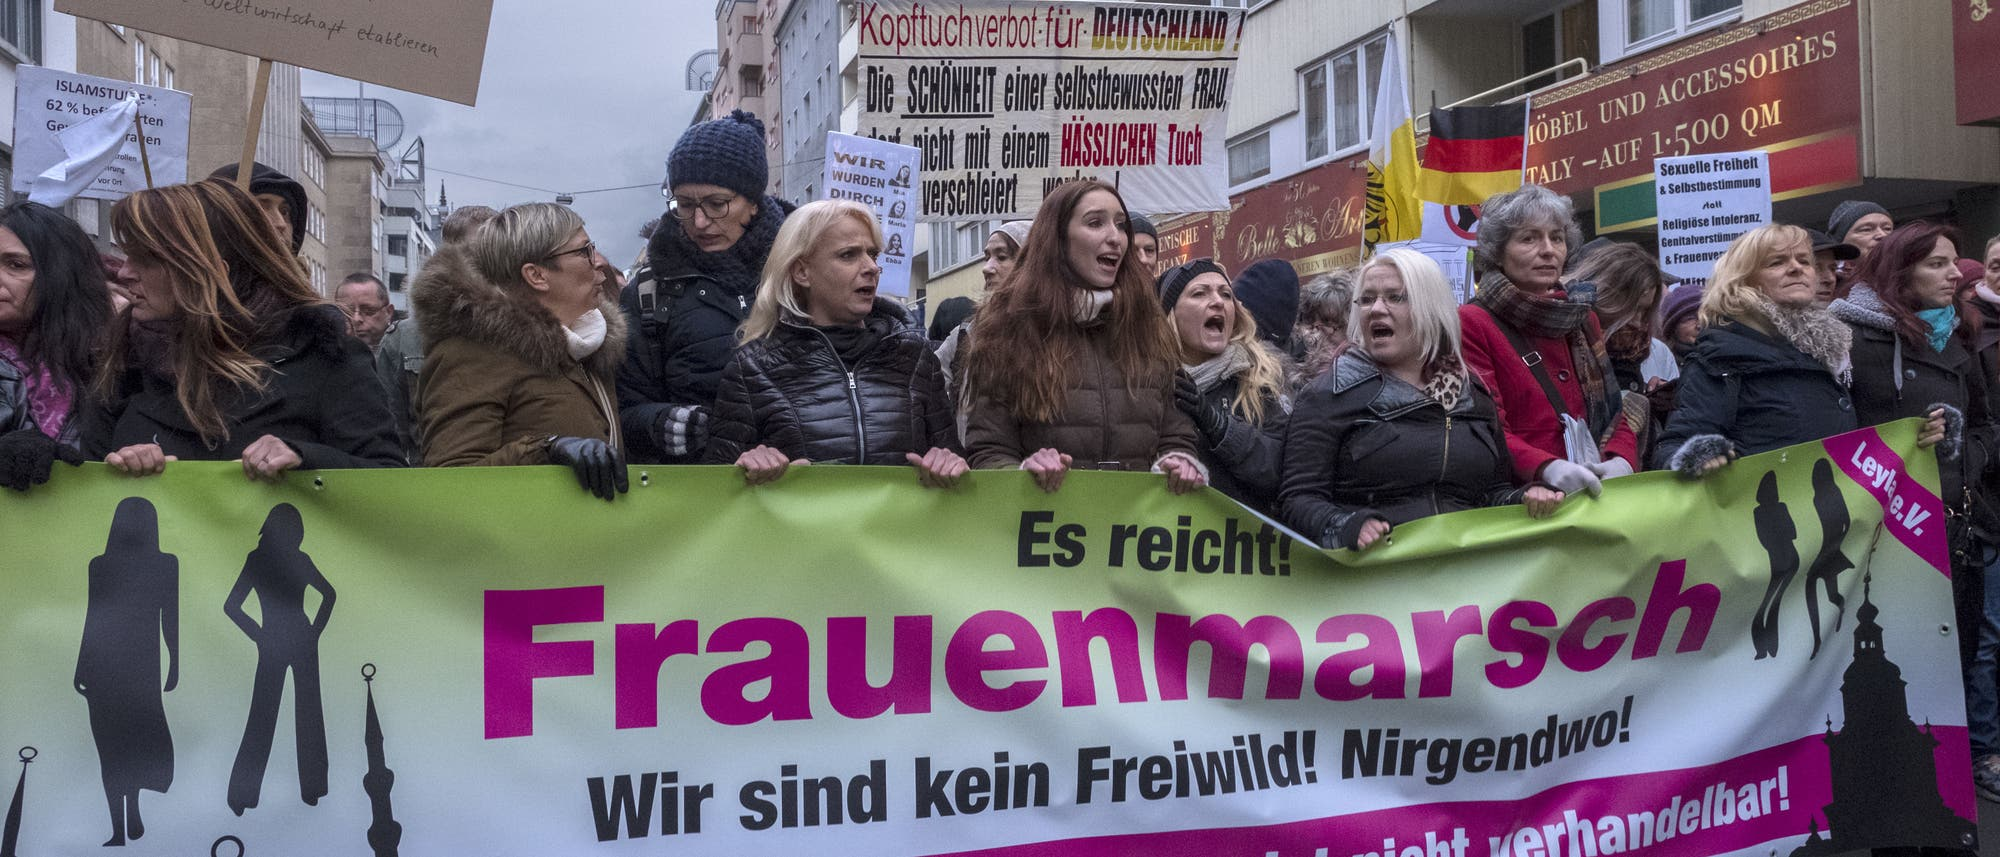 Teilnehmer am so genannten Frauenmarsch rechtspopulistischer Gruppierungen am 17.02.2018